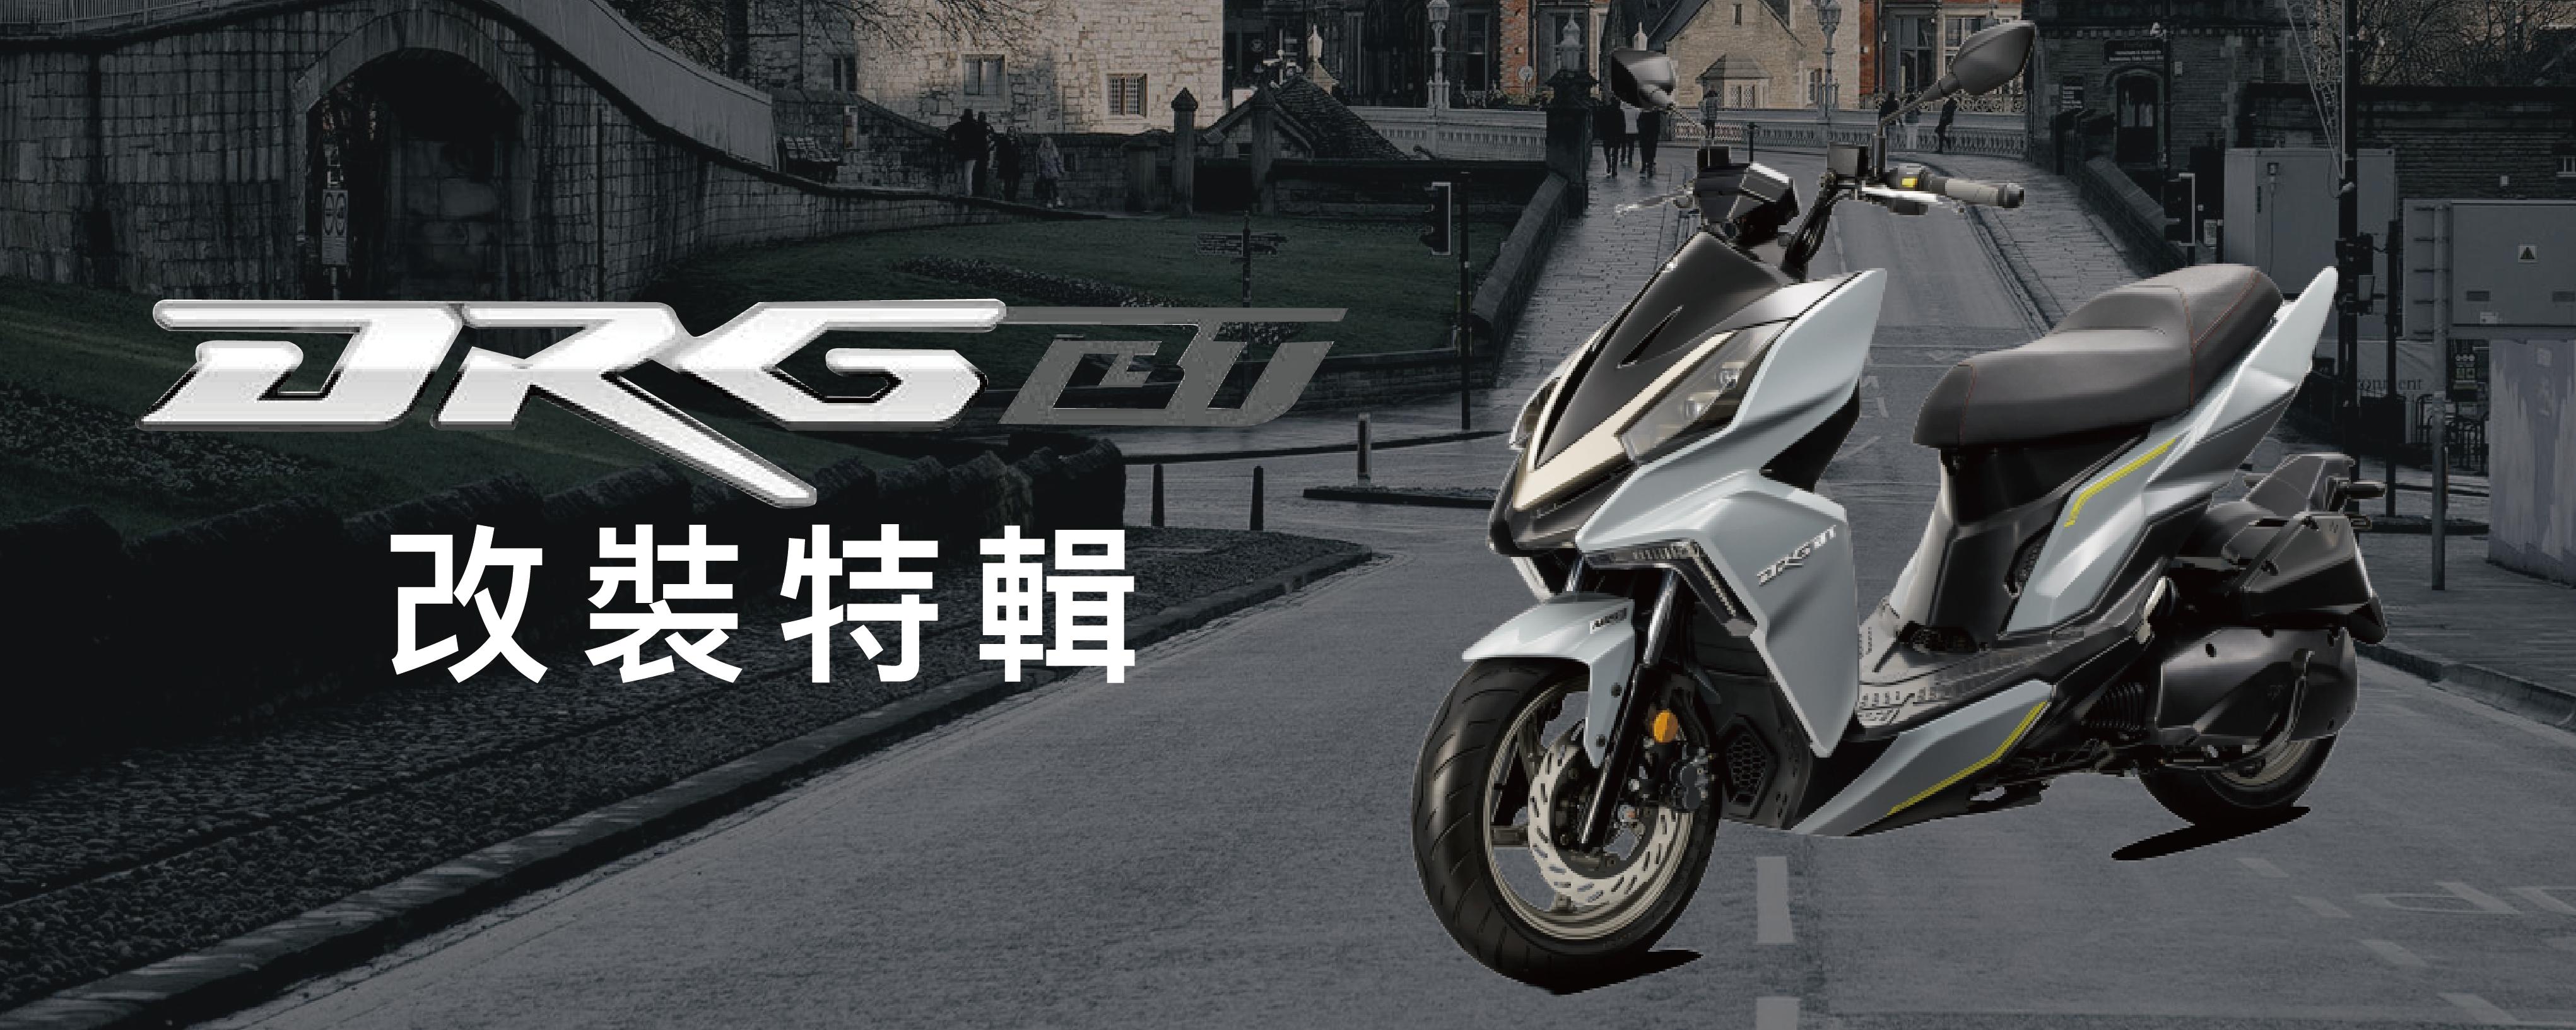 2019 DRG BT 改裝特輯| 重機與機車零件、騎士服裝販售 Webike摩托百貨